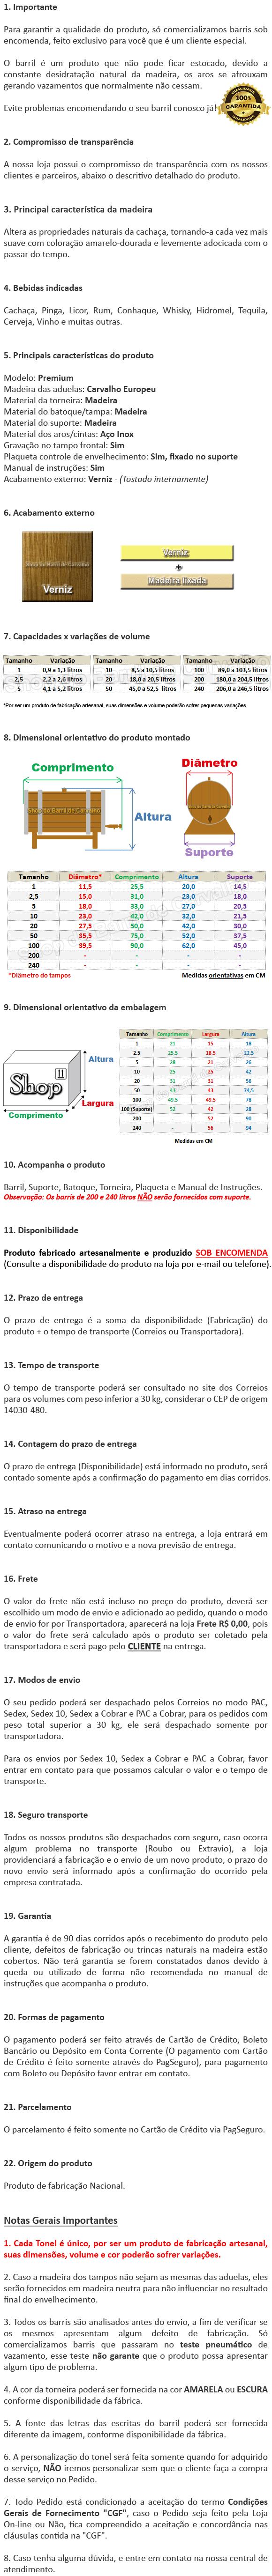 Descricao-Barril-Carvalho-Europeu-Premium-Verniz.png